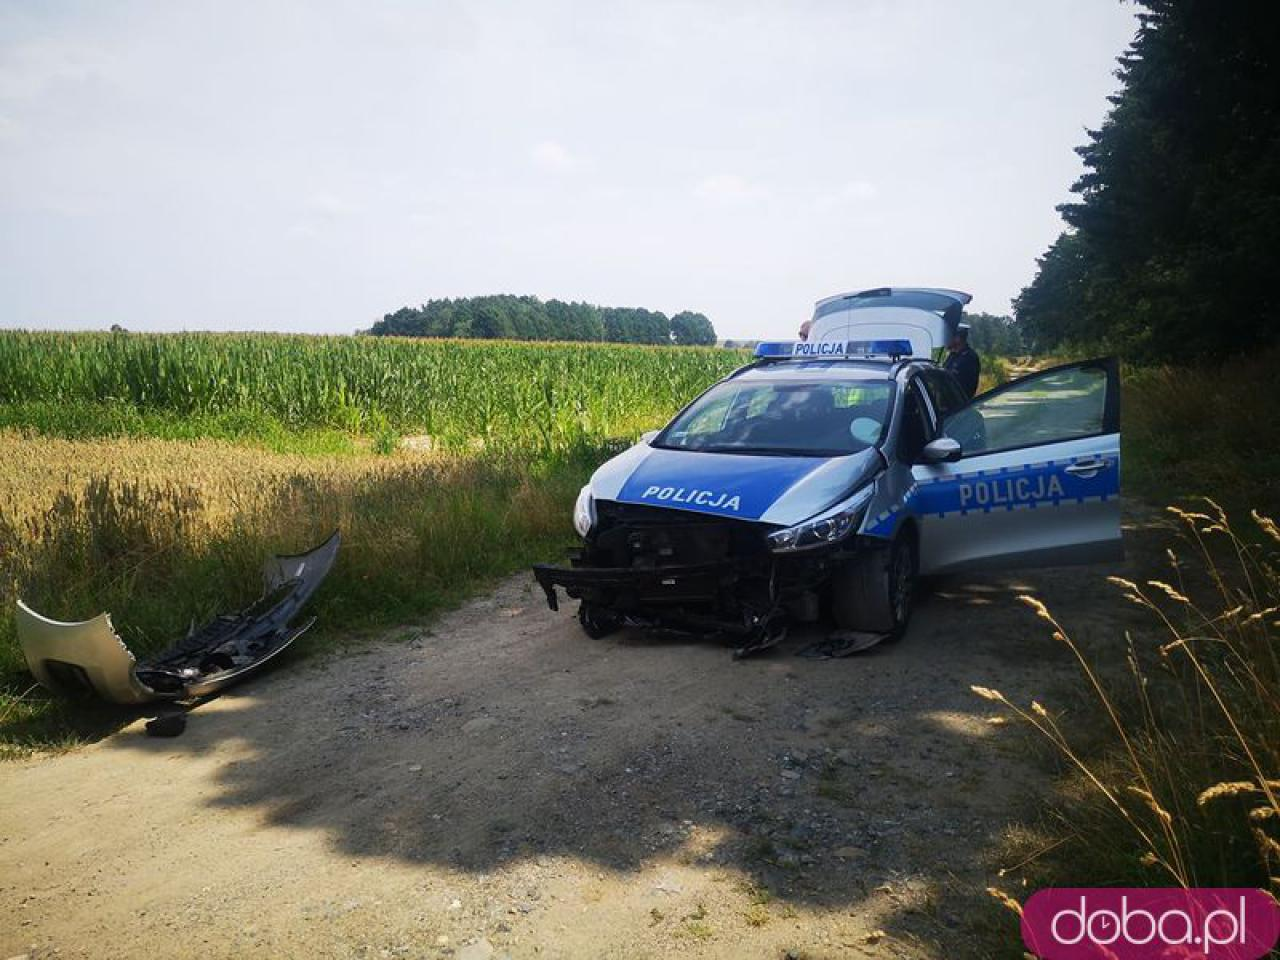 [FOTO] Zderzenie policyjnego radiowozu i osobówki